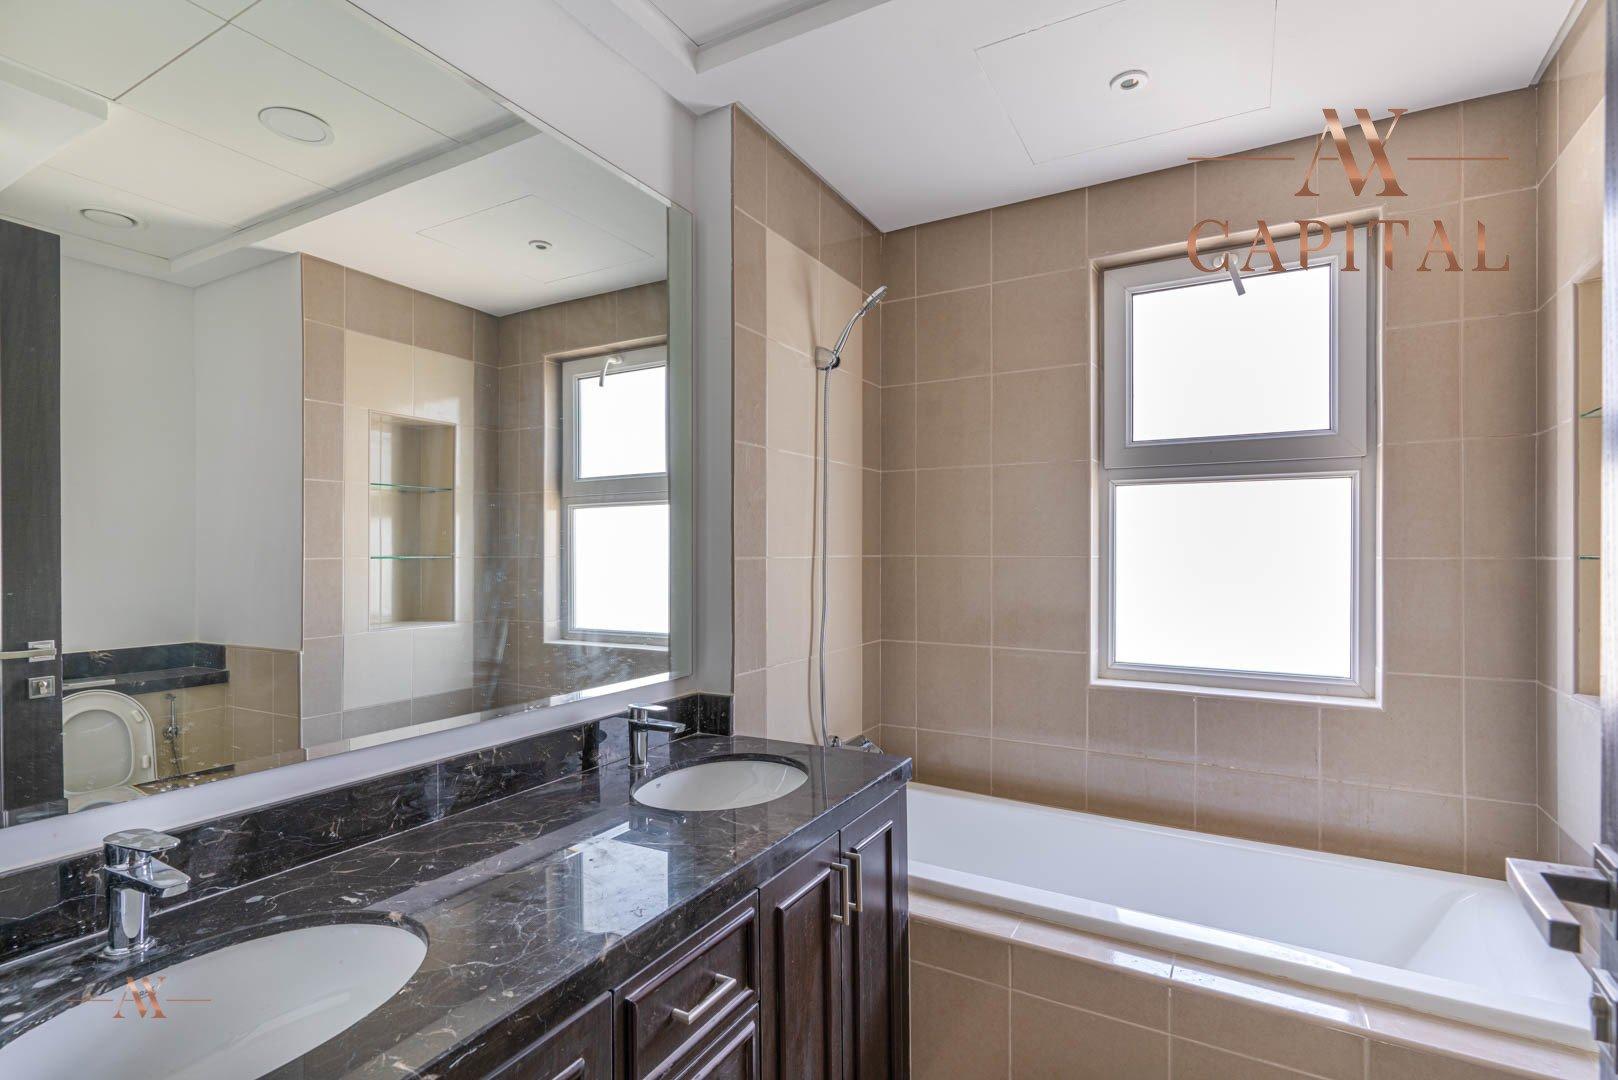 Villa for sale in Dubai, UAE, 3 bedrooms, 283.7 m2, No. 23632 – photo 7